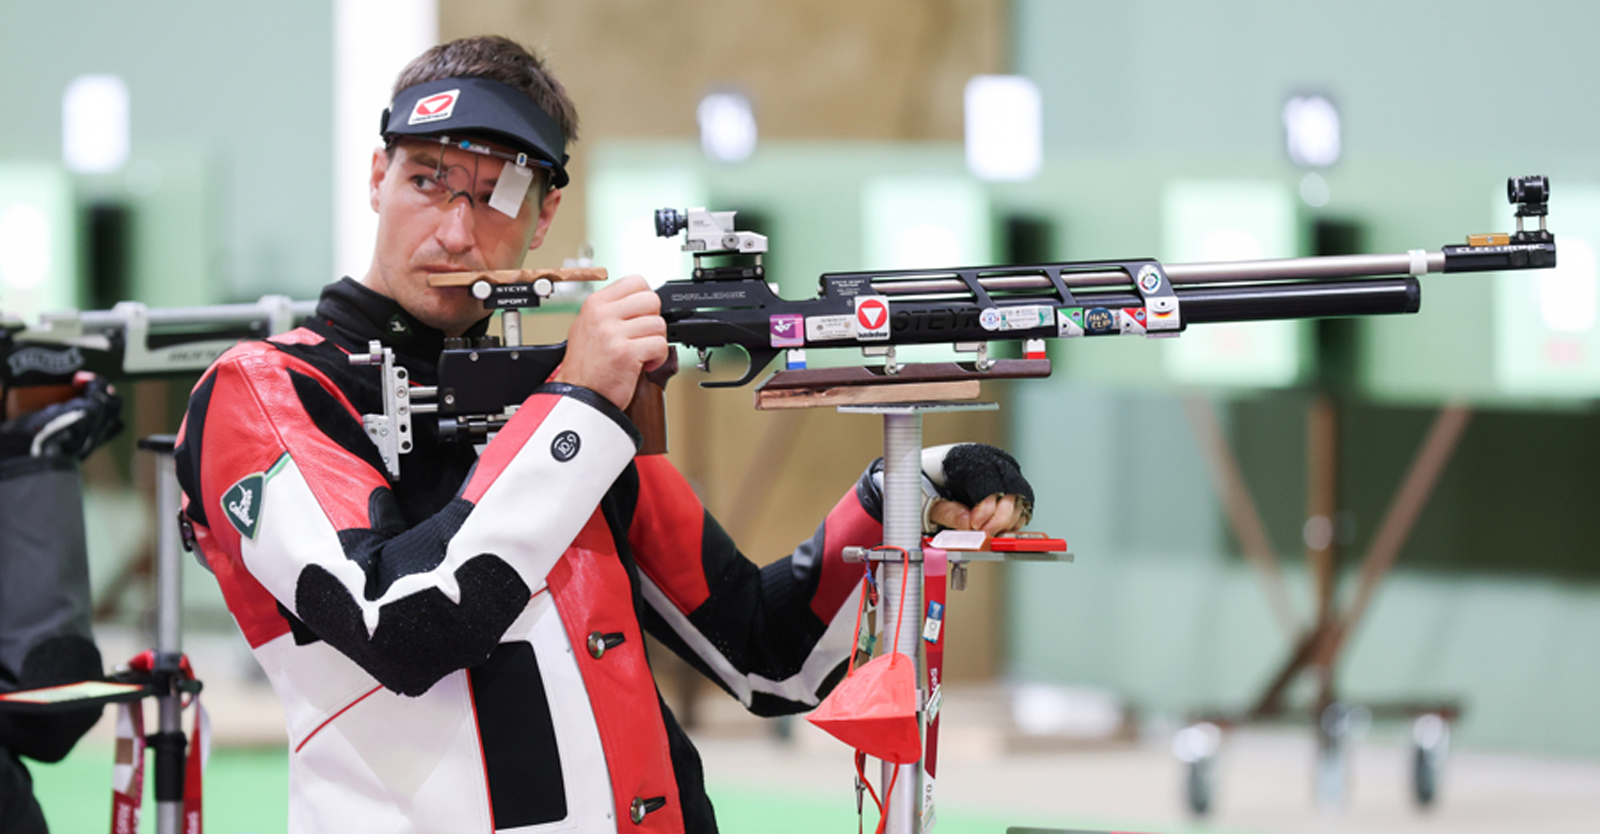 Luftgewehrschütze Martin Strempfl in seinem ersten olympischen Bewerb in der Asaka Shooting Range in Tokio © ÖOC/GEPA